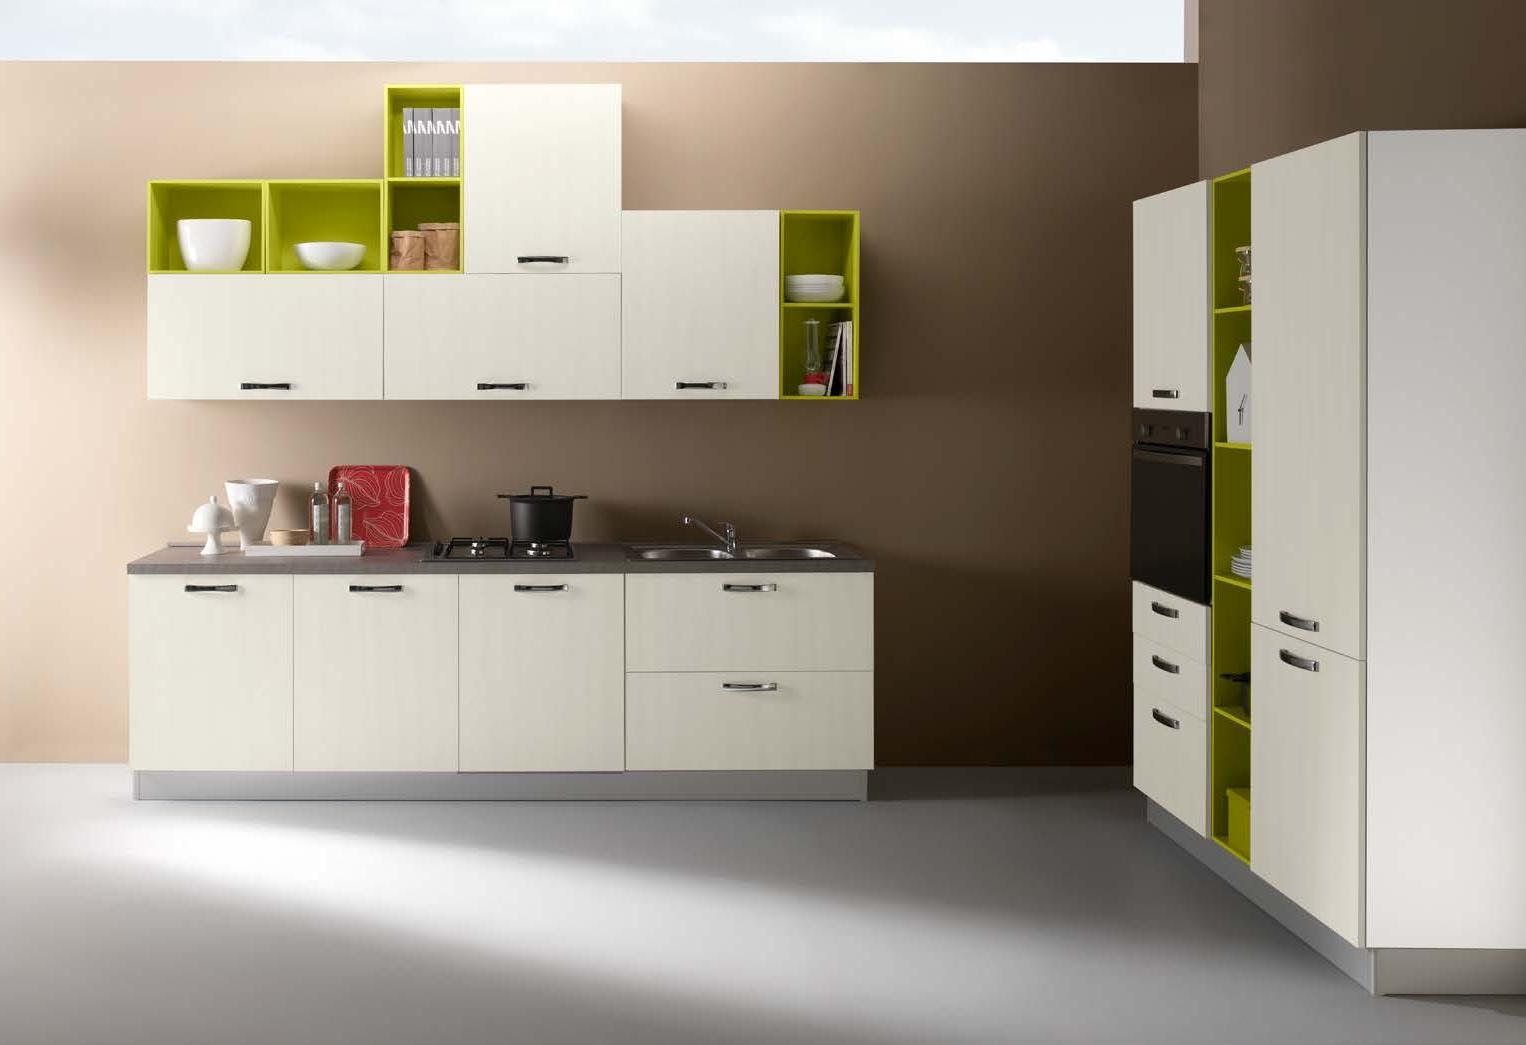 Netcucine cucina in stile moderno con elettrodomestici - Cucina con elettrodomestici ...